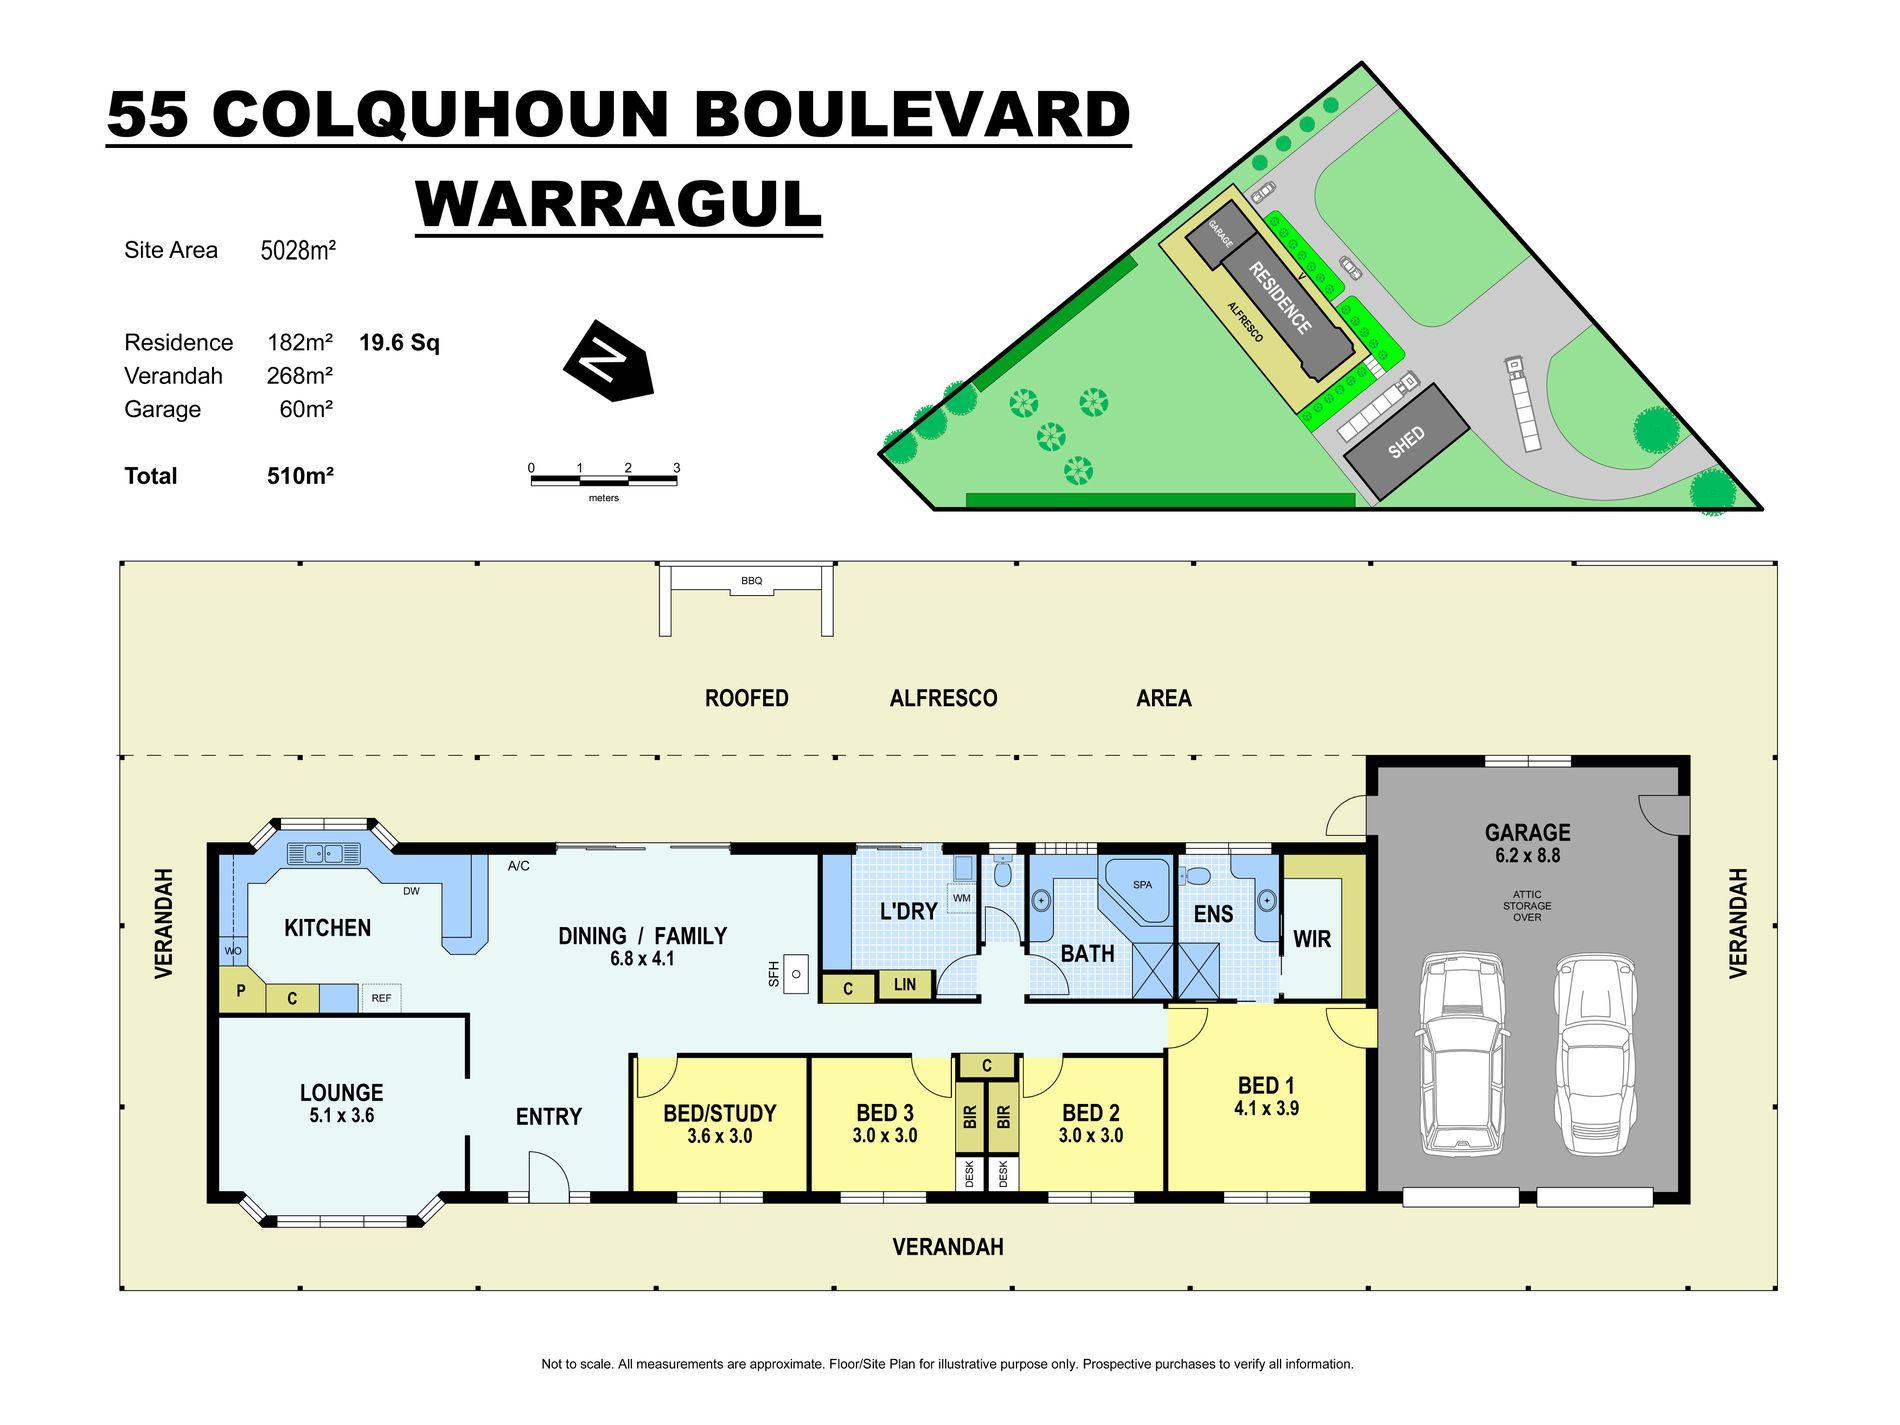 55 Colquhoun Boulevard, Warragul